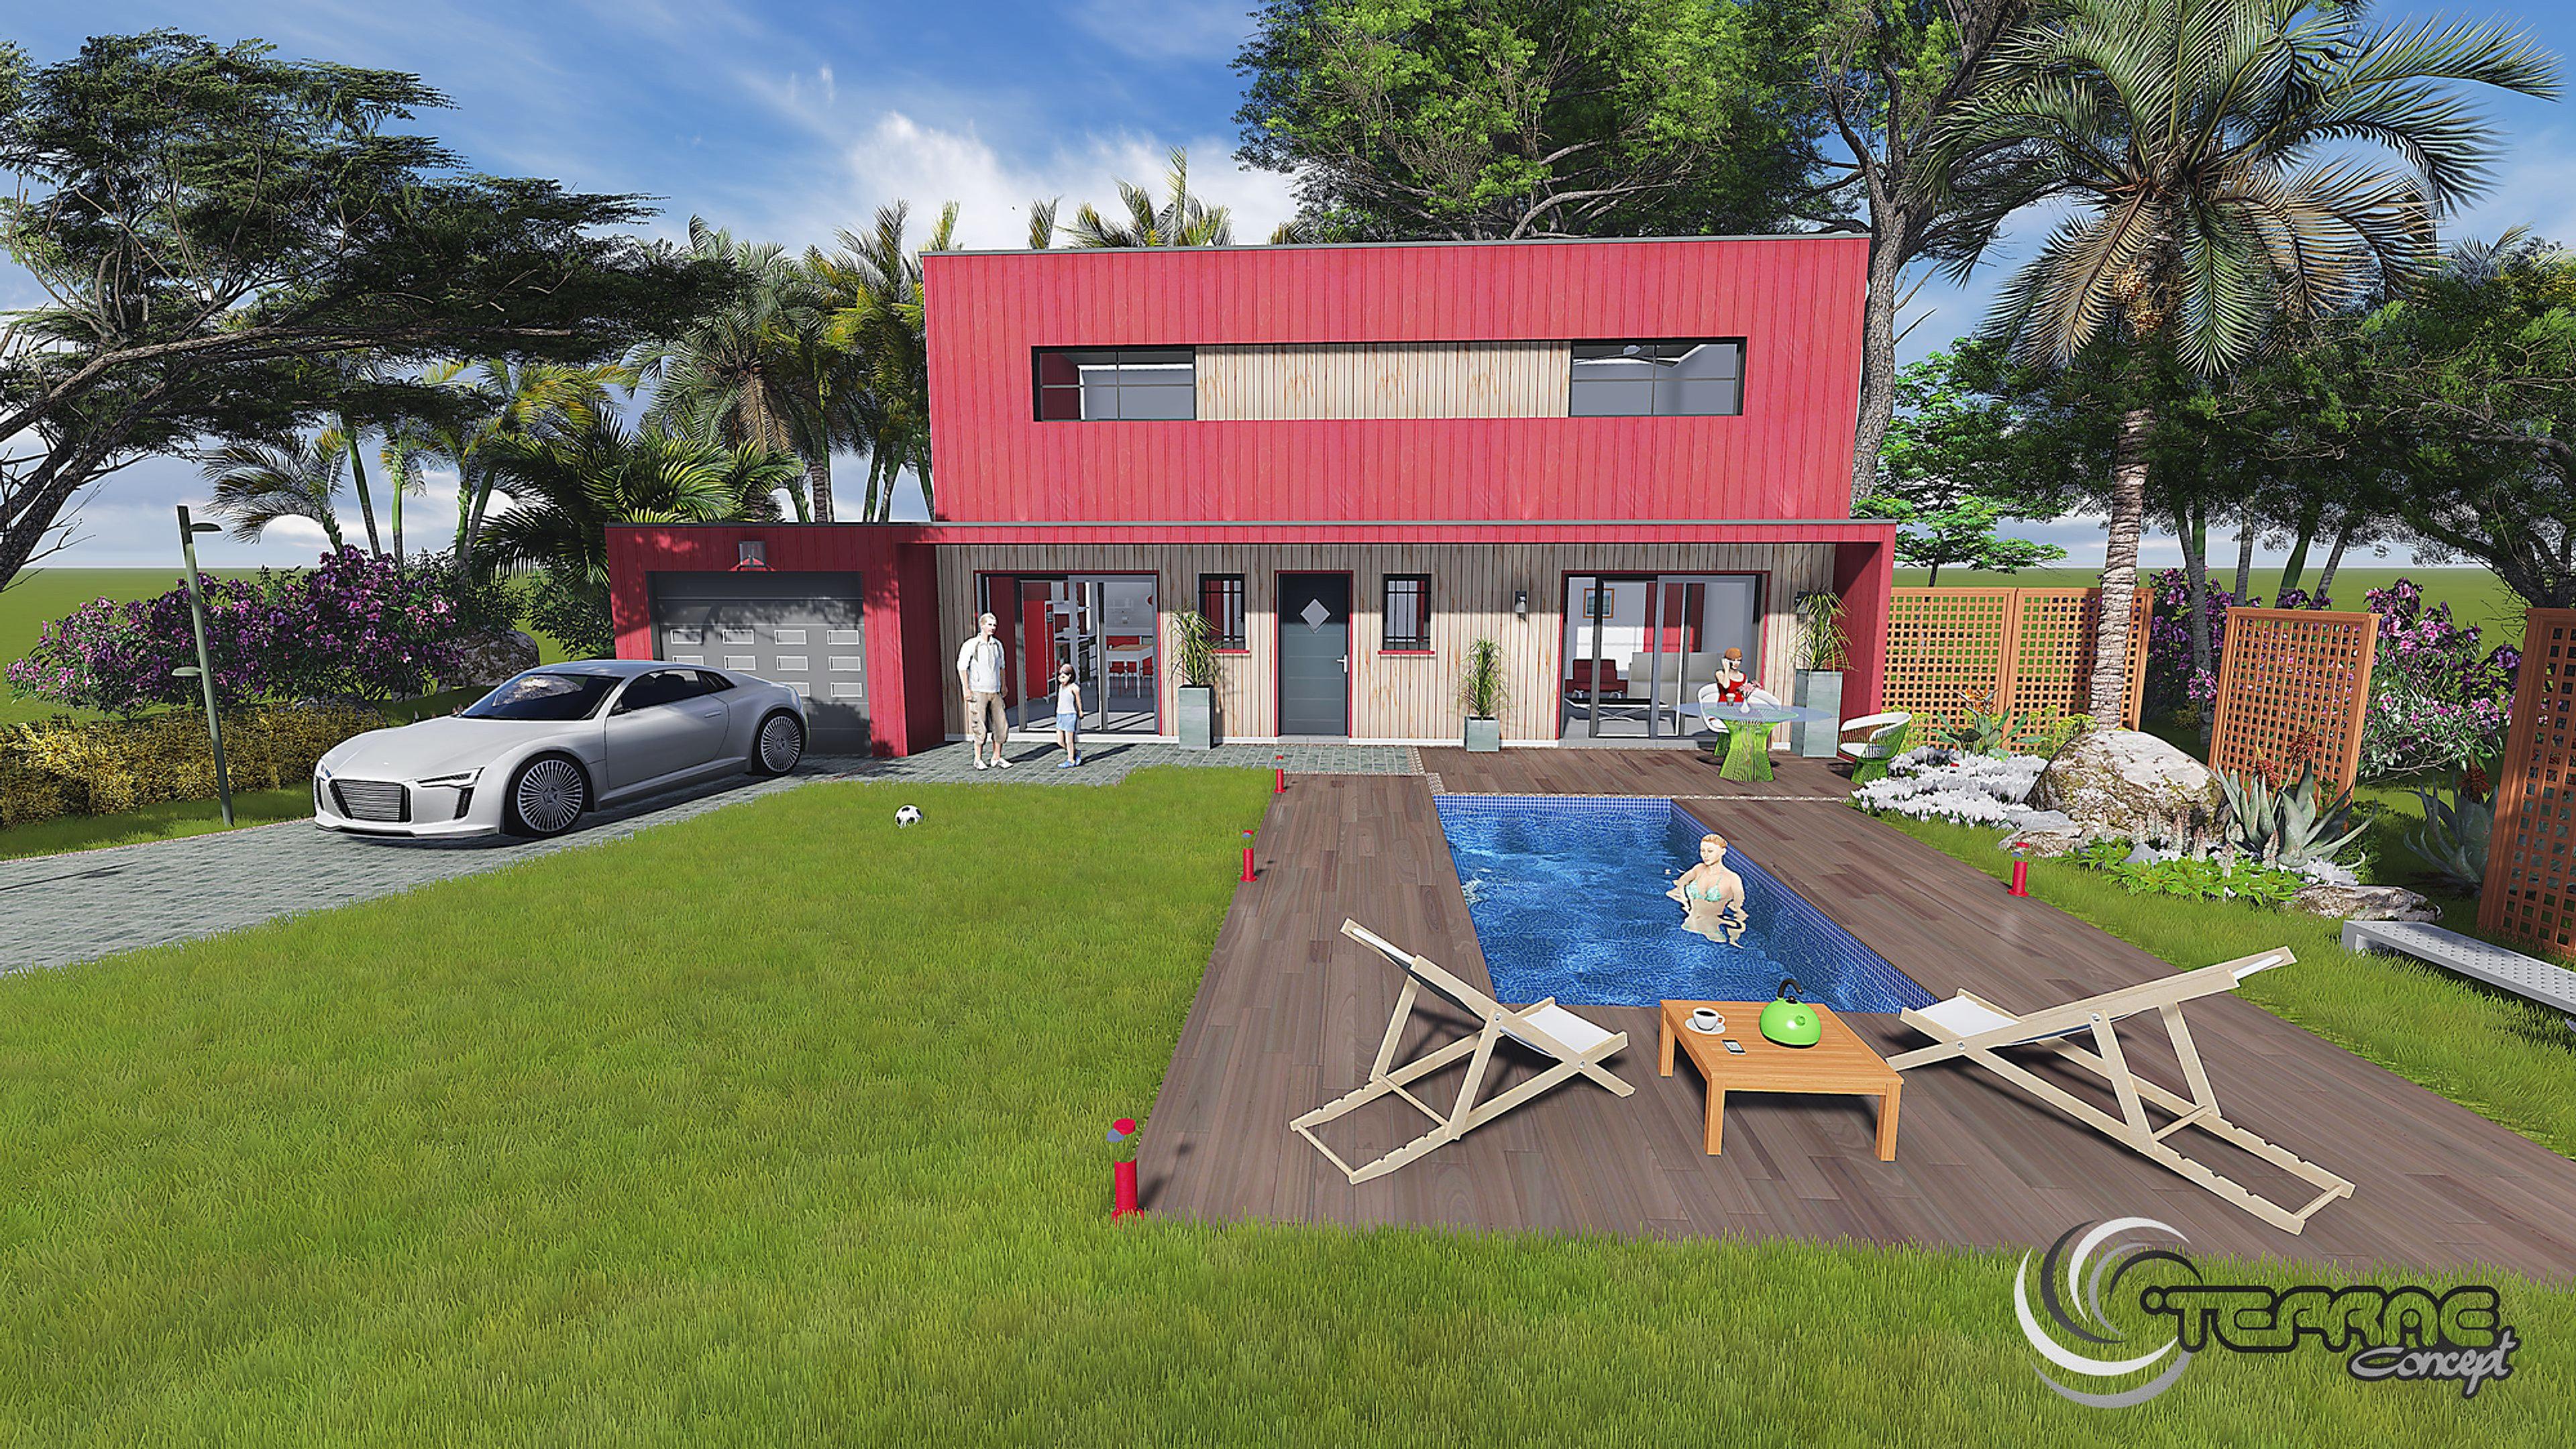 Piscine de luxe,plan de jardin 3d, pool house et cuisne d'été.